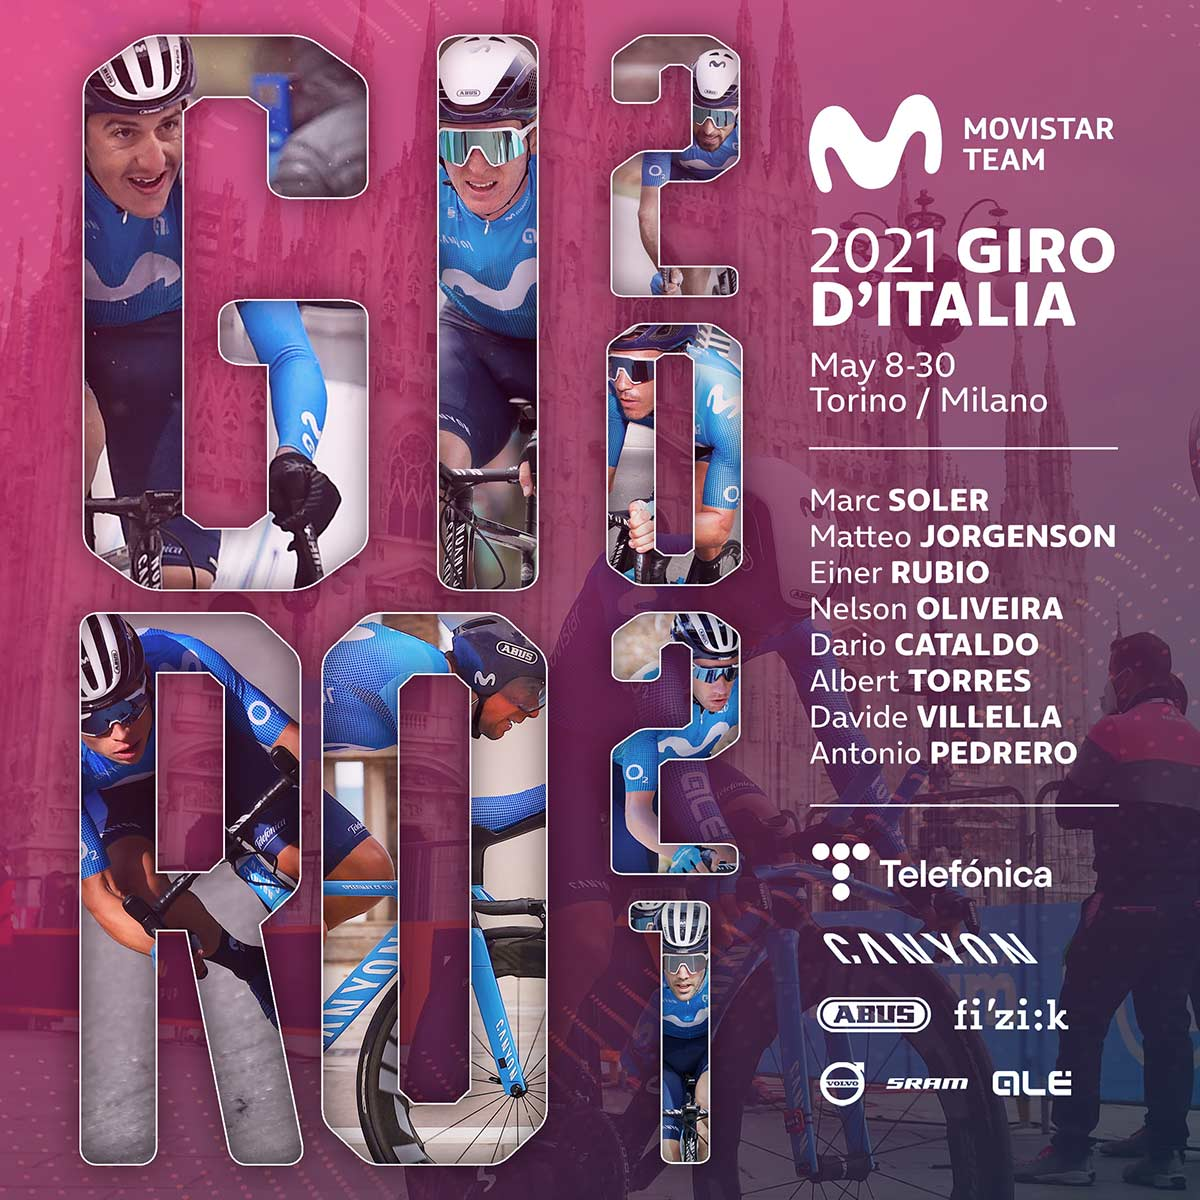 Marc-Soler-sera-el-lider-del-Movistar-Team-de-cara-al-Giro-de-Italia-2021